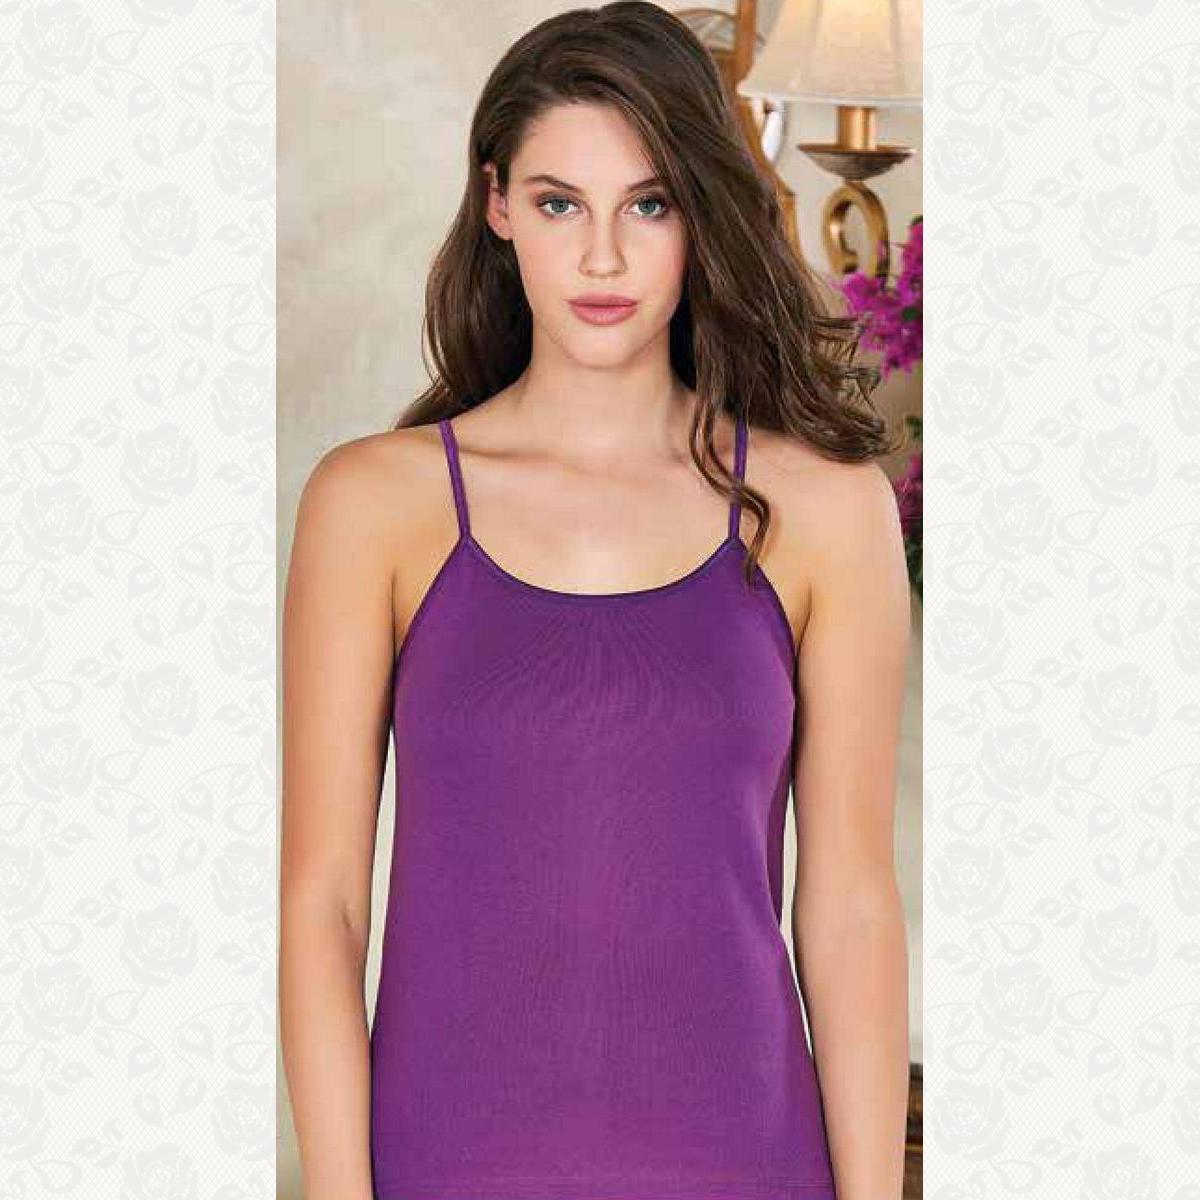 Майка женская цветная полубатал berrak, цвет фиолетовый, 3 шт.